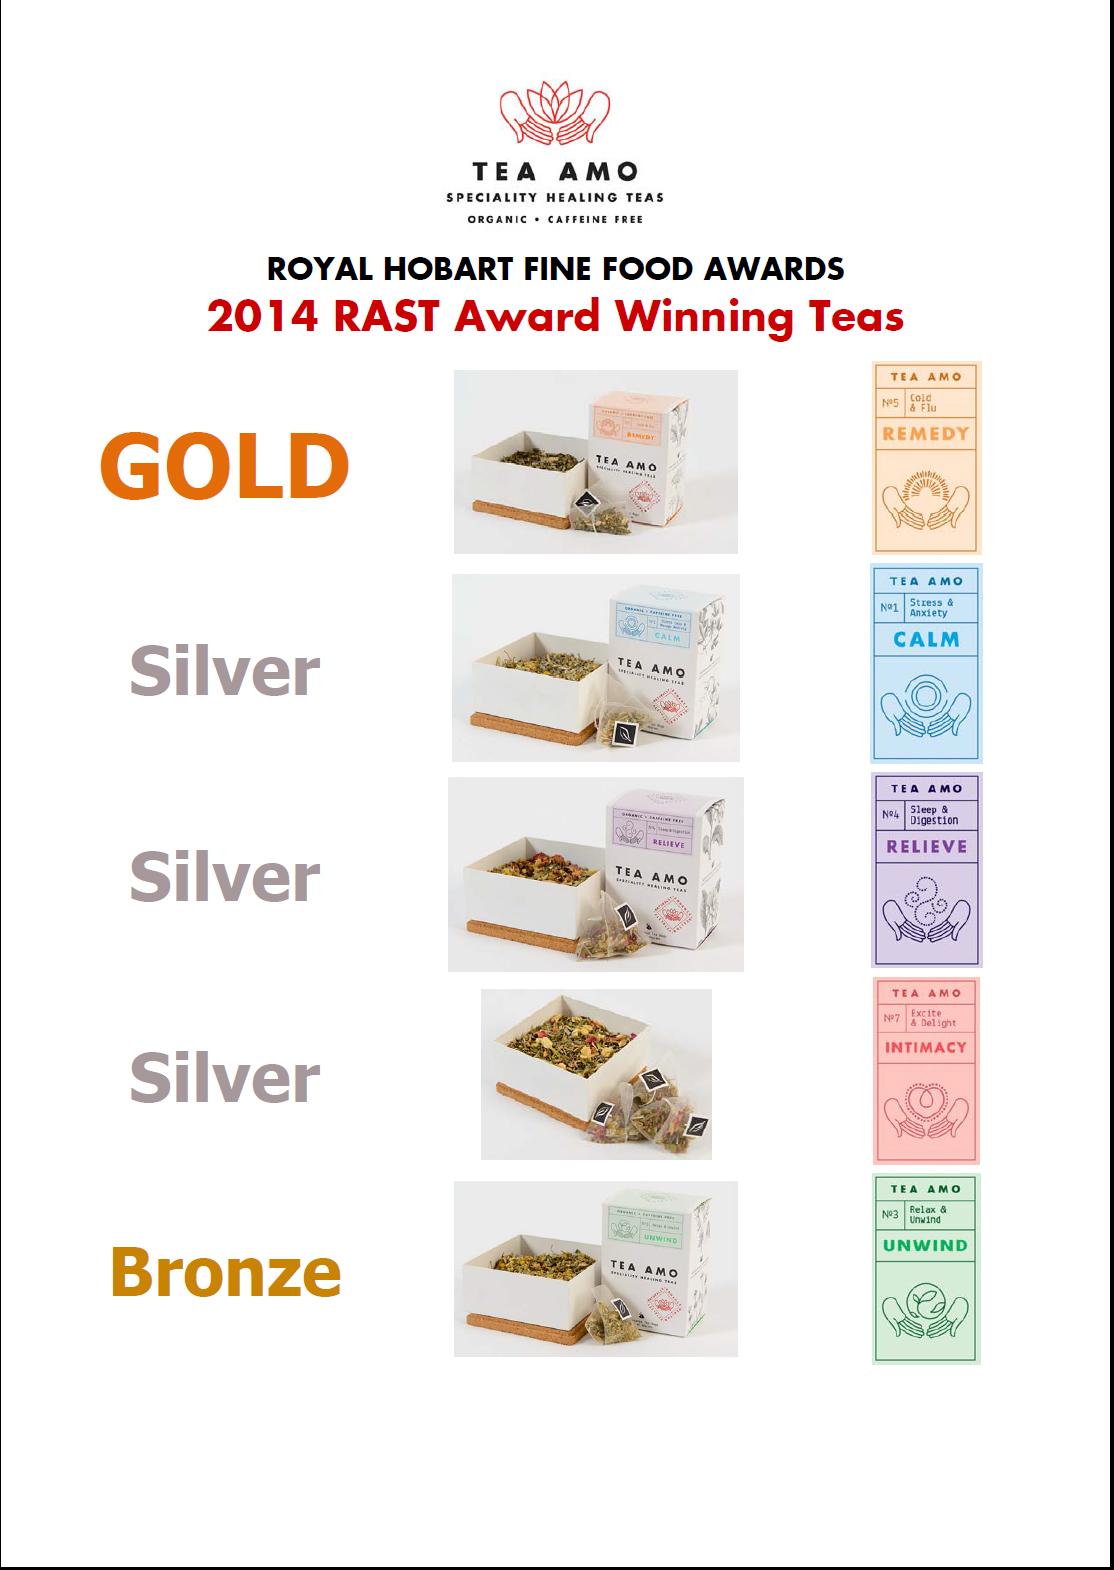 tea-amo-medals.jpg